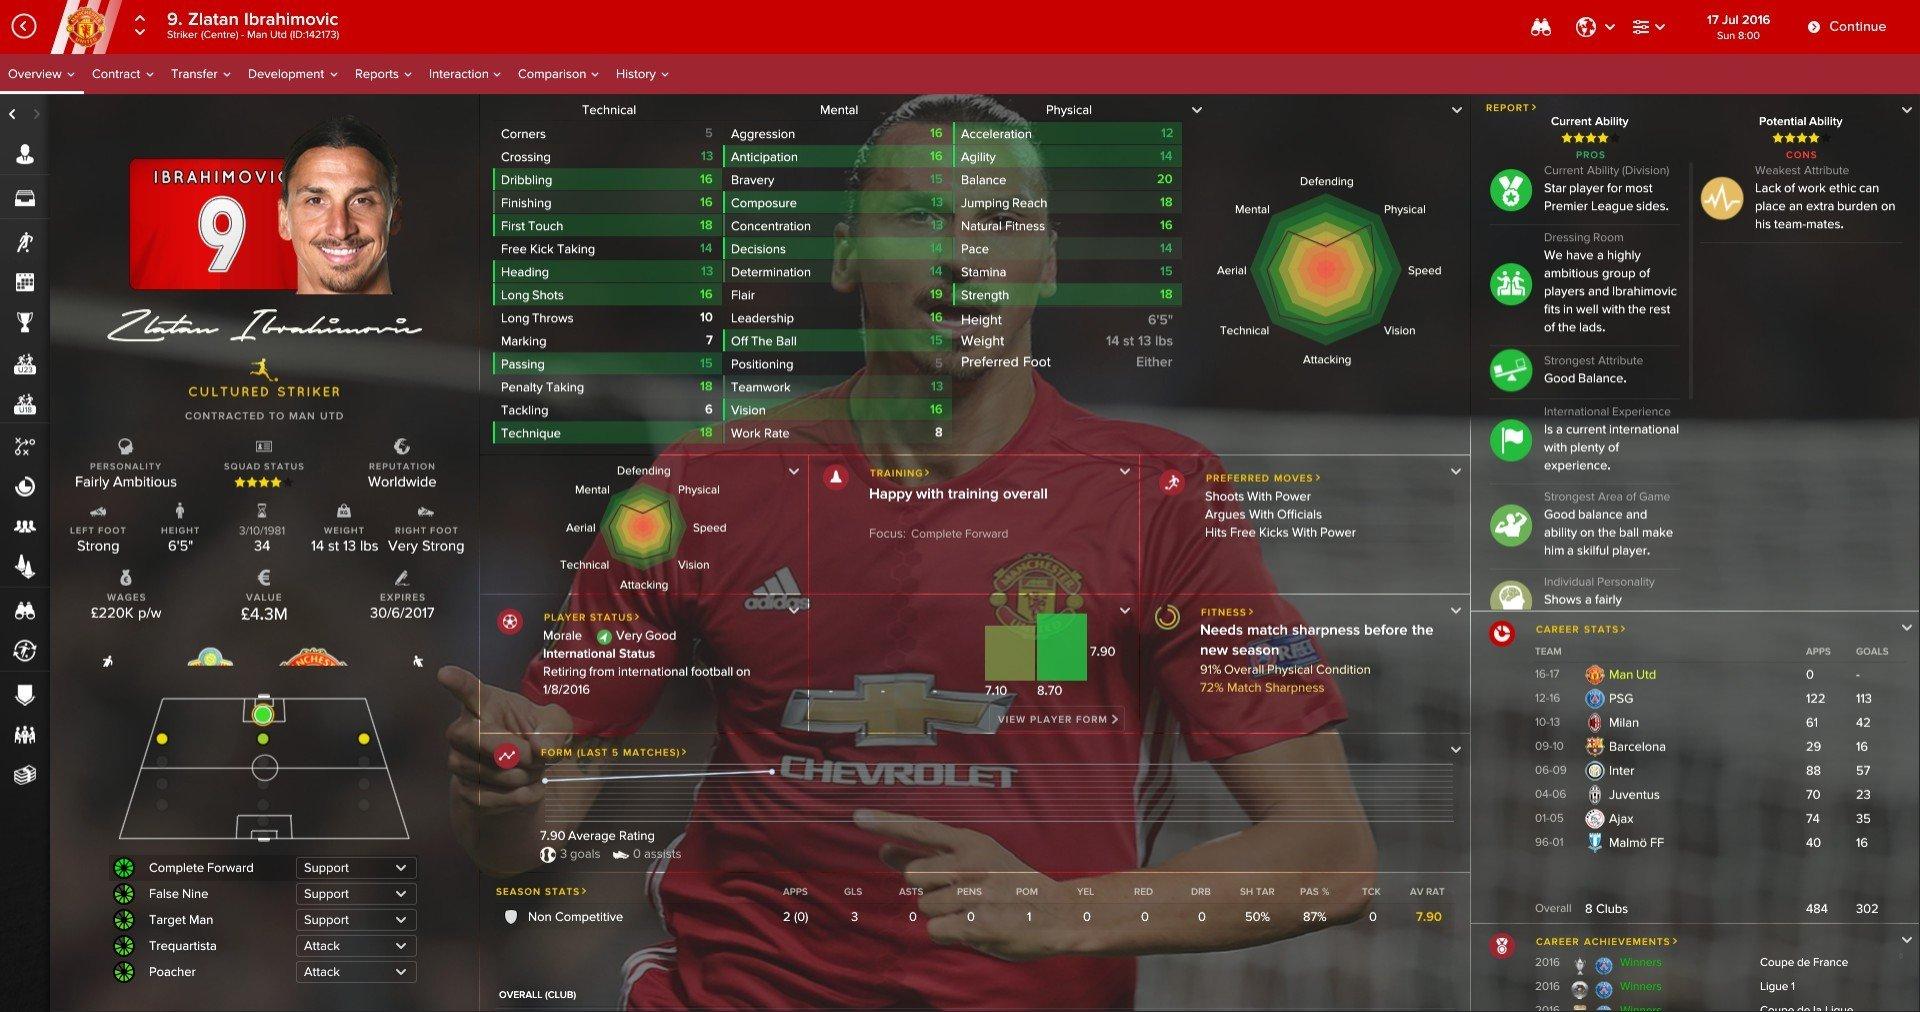 Football Manager Backgrounds Super Pack (FM2017) HgCKT